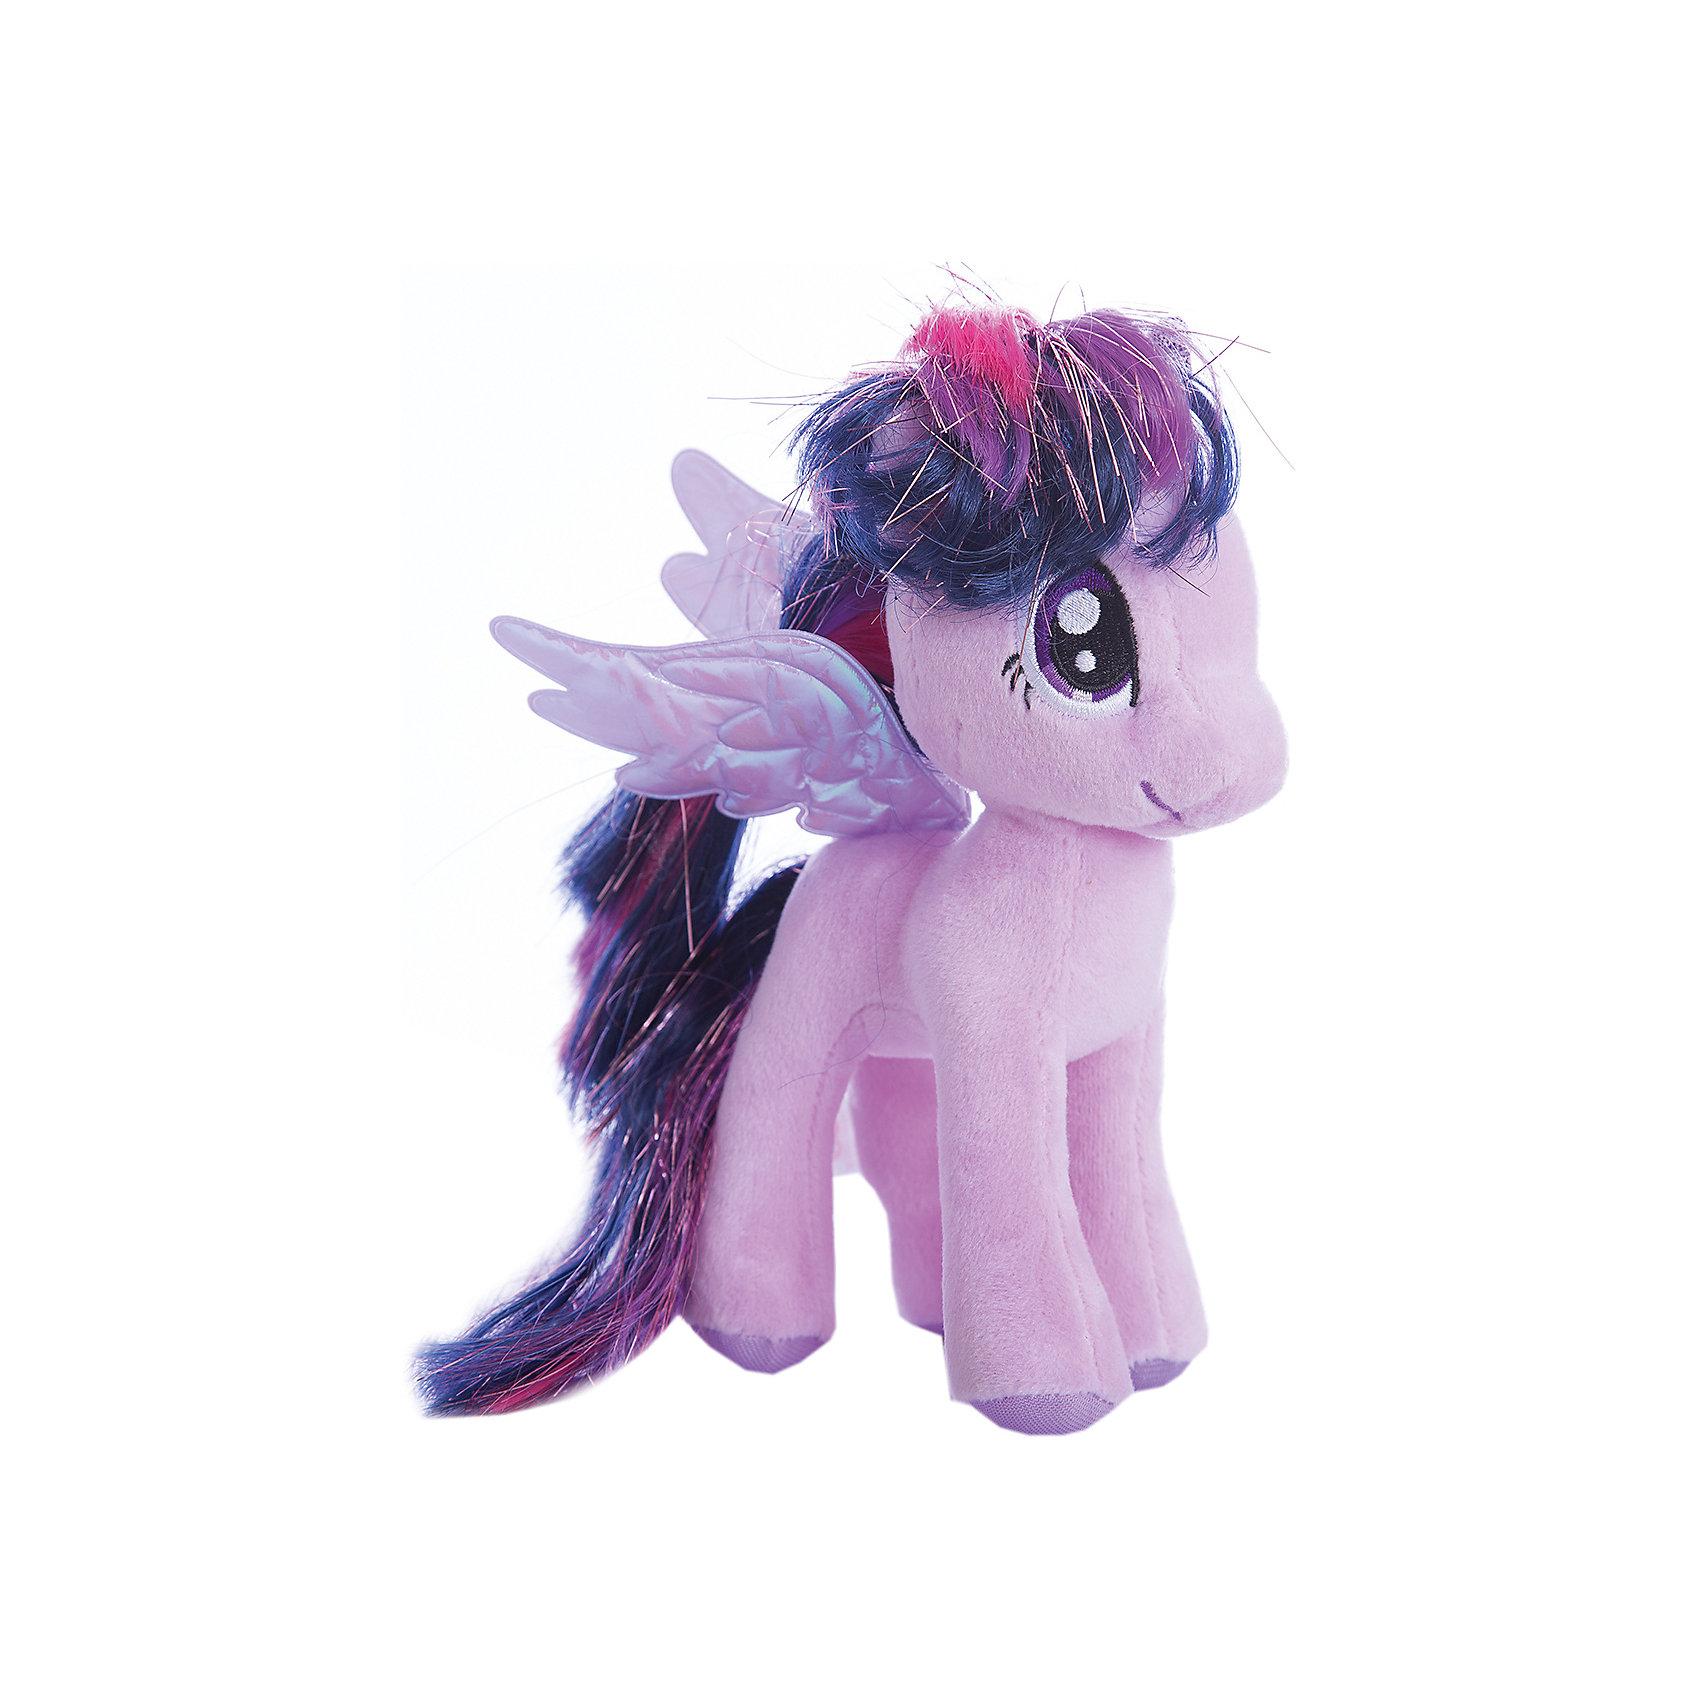 Пони Сумеречная искорка, 20 см, My Little Pony, TyЛюбимые герои<br>Маленькие девочки очень любят животных. Особенно любят лошадей. Для маленькой девочки нужна и маленькая лошадка. Такой лошадкой является пони. Вашей дочке обязательно понравится красивая малышка: Pony Twilight Sparkle (Пони Сумеречная Искорка), которая станет новой любимицей ребенка. Чудесная милая Пони имеет яркую красивую окраску и шелковистую гриву. Большие выразительные глаза пони смотрят с такой трогательной добротой, что так и хочется взять игрушку  на руки и заботиться об этой малютке. <br><br>Дополнительная информация:<br><br>- Игрушка развивает: тактильные навыки, зрительную координацию, мелкую моторику рук;<br>- Идеальный подарок для любителей серии: My Little Pony (Моя Маленькая Пони);<br>- Материалы не вызовут аллергии у Вашего малыша;<br>- Приятная на ощупь;<br>- Яркие и стойкие цвета приятны для глаз;<br>- Материал: плюш;<br>- Высота игрушки: 20 см;<br>- Вес: 89 г<br><br>Pony Twilight Sparkle (Пони Сумеречная Искорка), 20 см, My Little Pony, Ty можно купить в нашем интернет-магазине.<br><br>Ширина мм: 330<br>Глубина мм: 330<br>Высота мм: 330<br>Вес г: 89<br>Возраст от месяцев: 36<br>Возраст до месяцев: 120<br>Пол: Унисекс<br>Возраст: Детский<br>SKU: 3676500